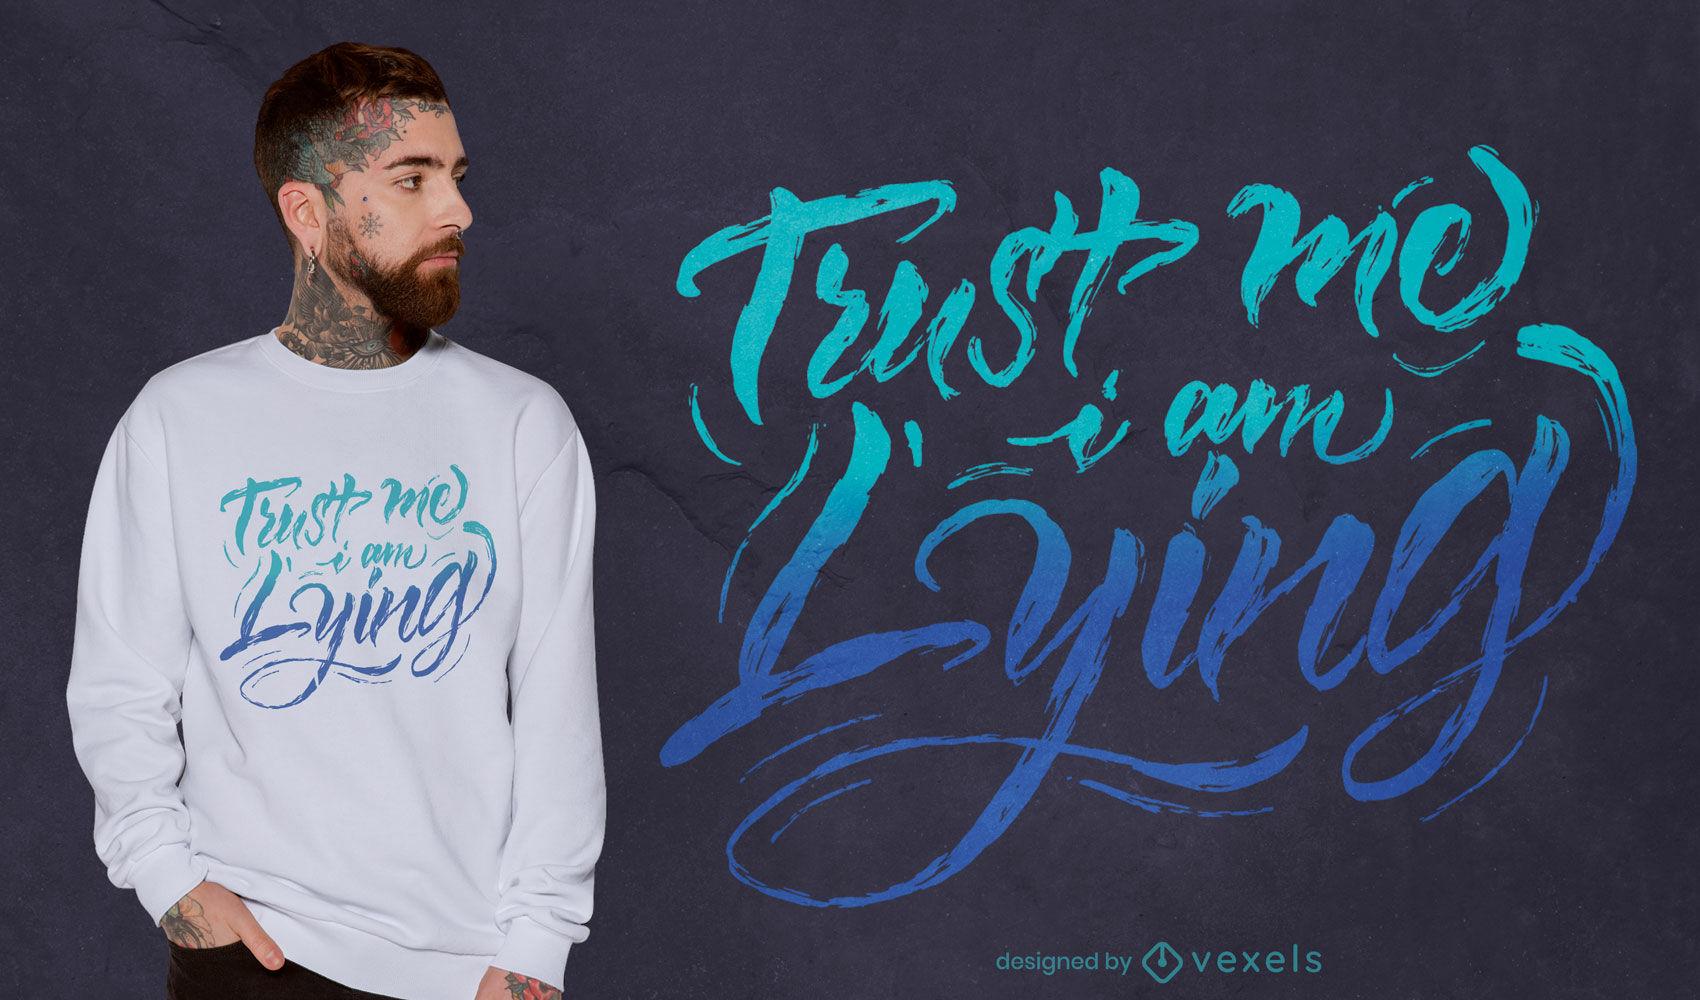 Conf?a en m?, estoy mintiendo dise?o de camiseta con letras